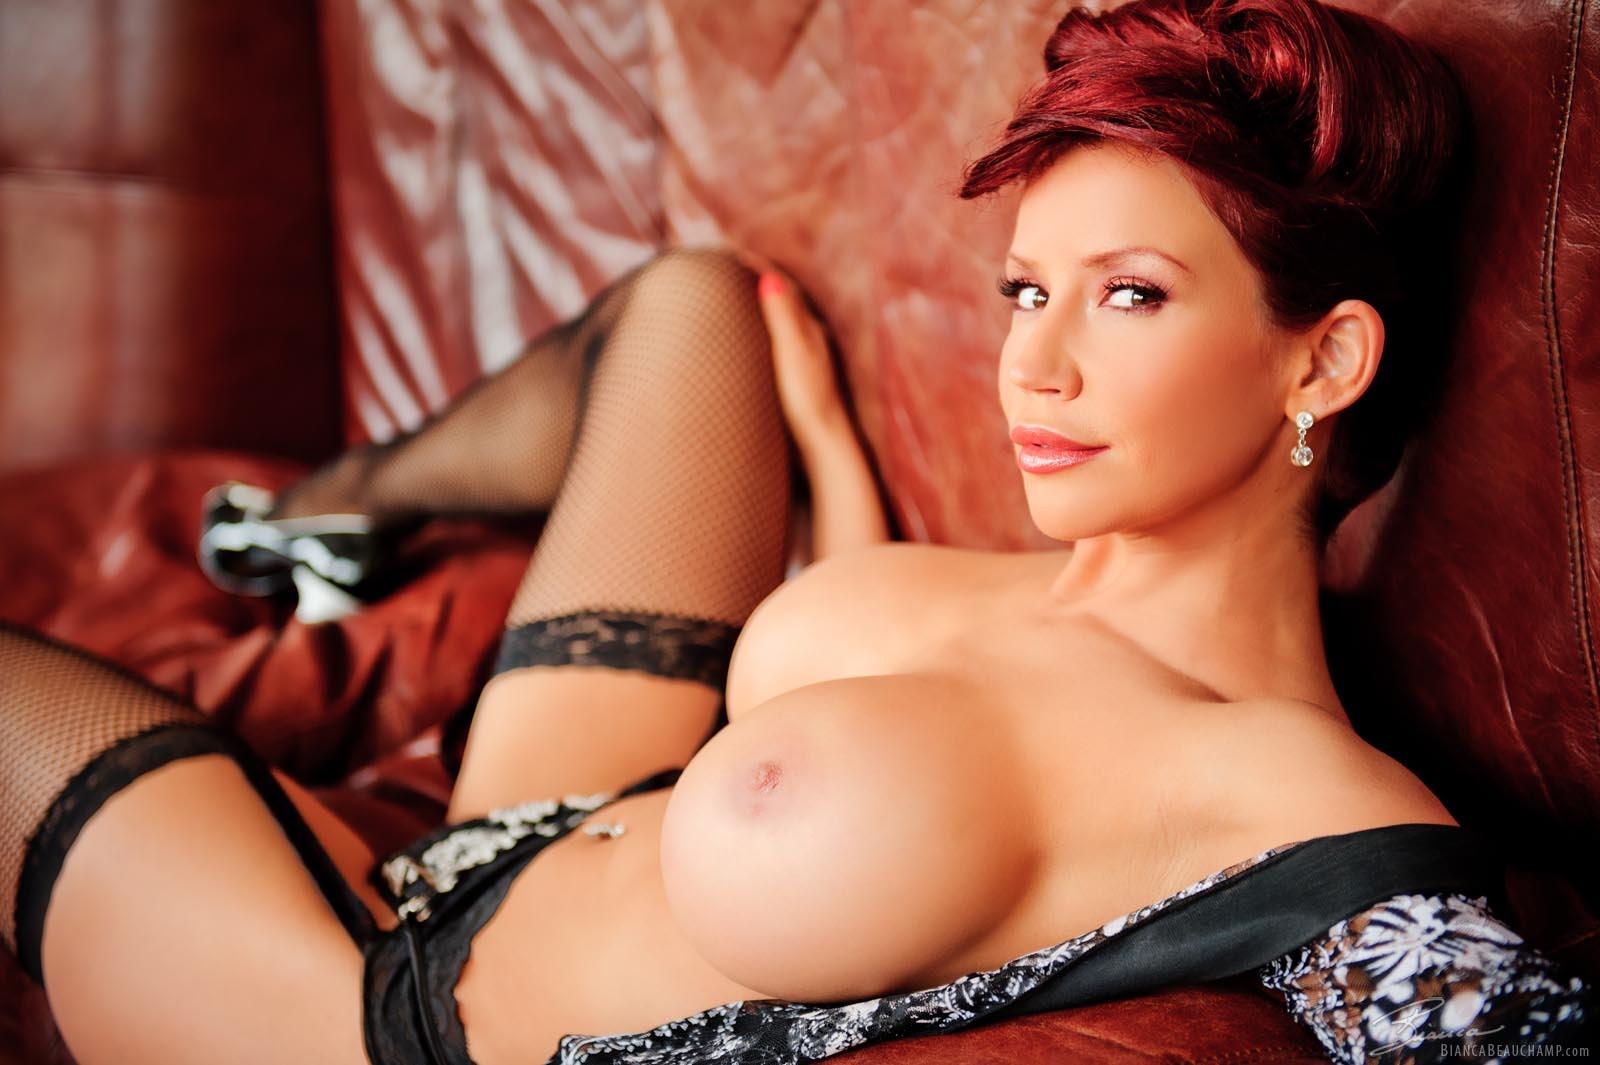 Tits erotic videos big